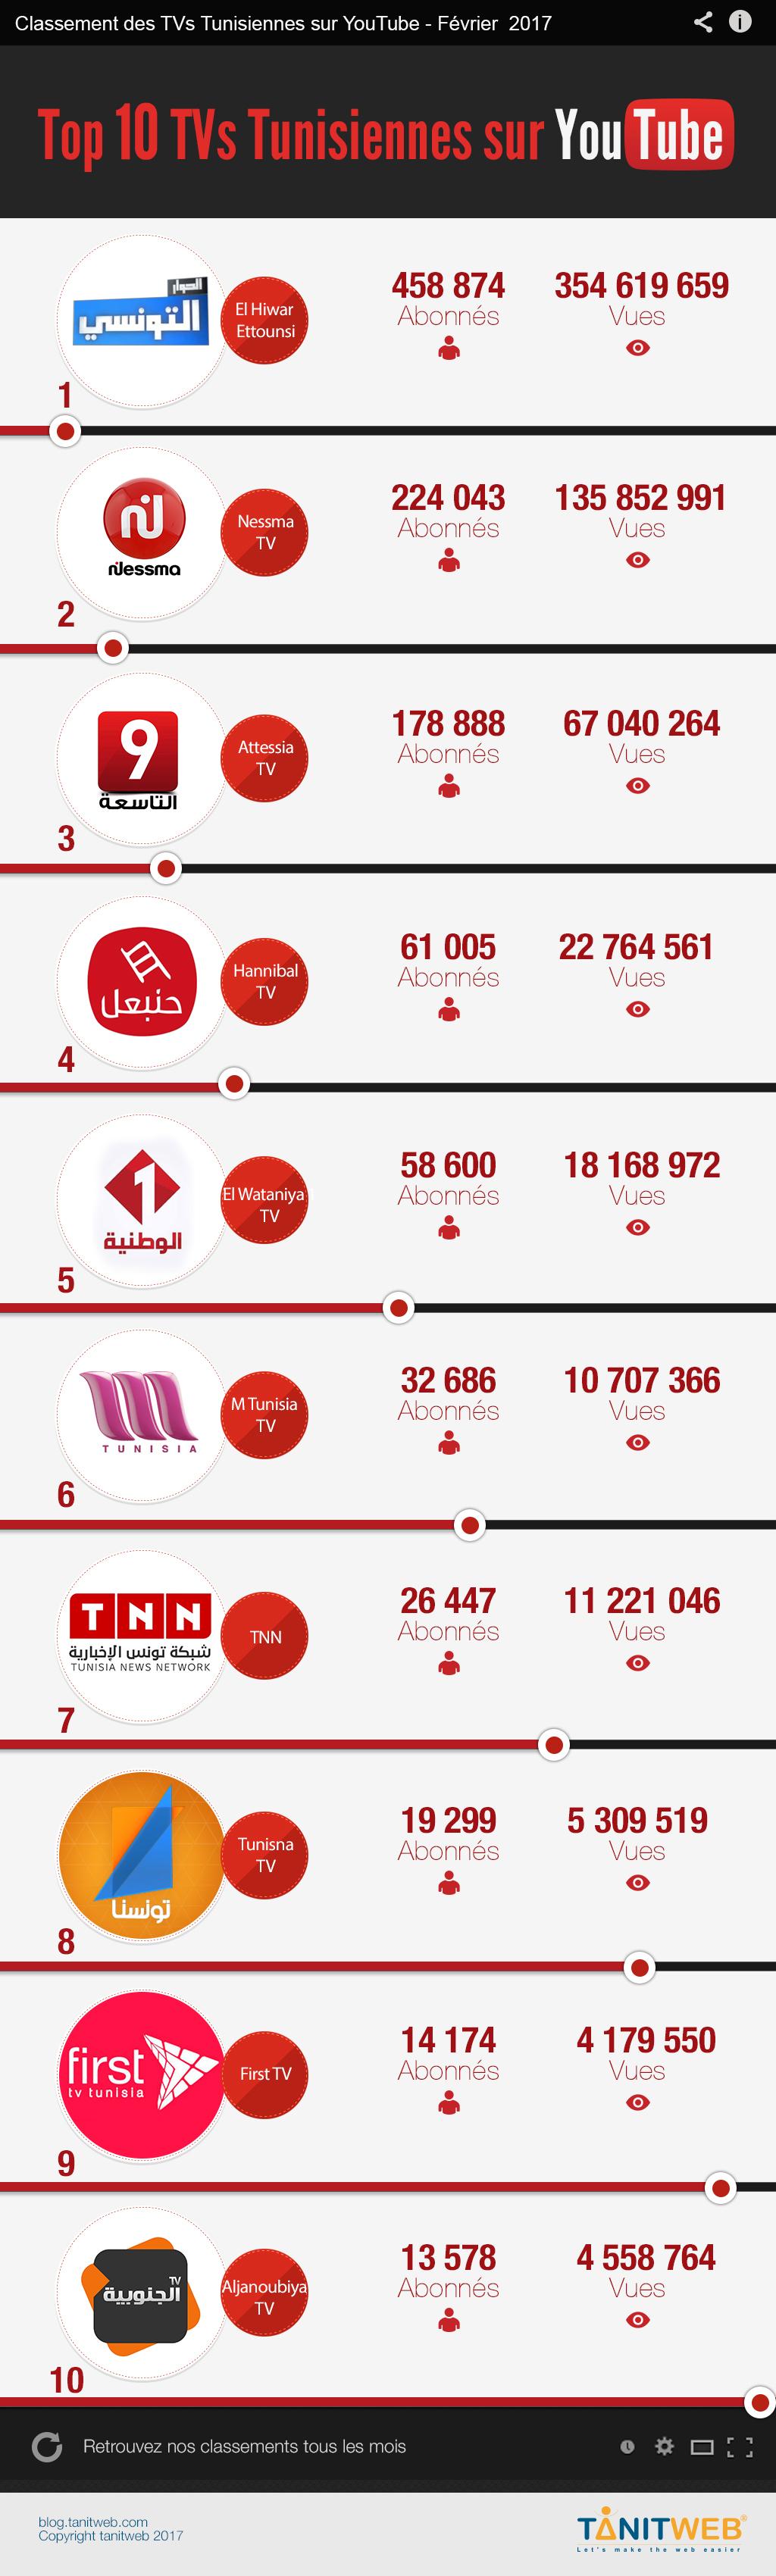 Février 2017 : Classement des TVs Tunisiennes sur YouTube.